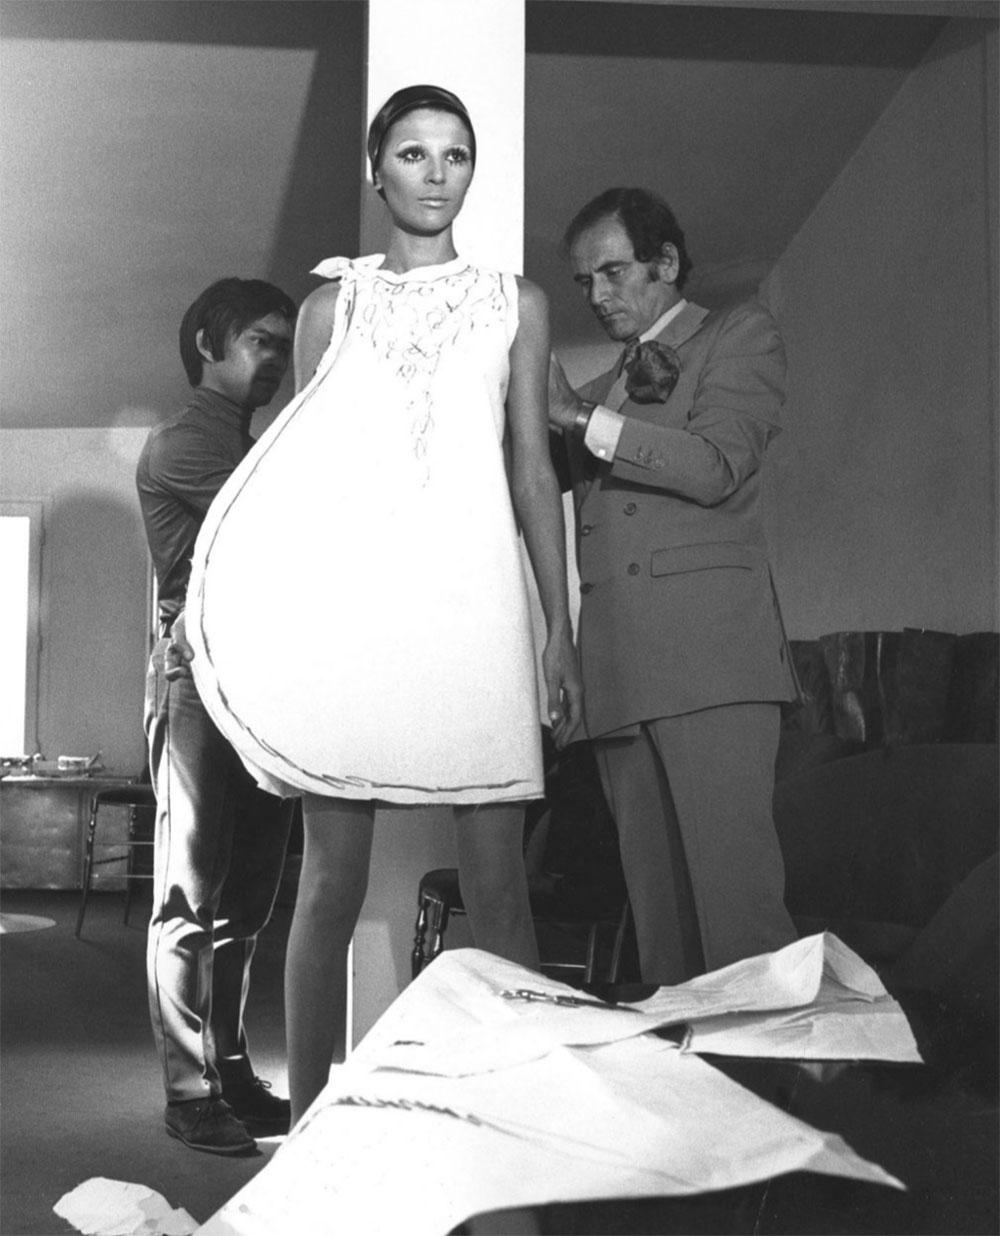 Những hình ảnh ngày đầu của thương hiệu Pierre Cardin